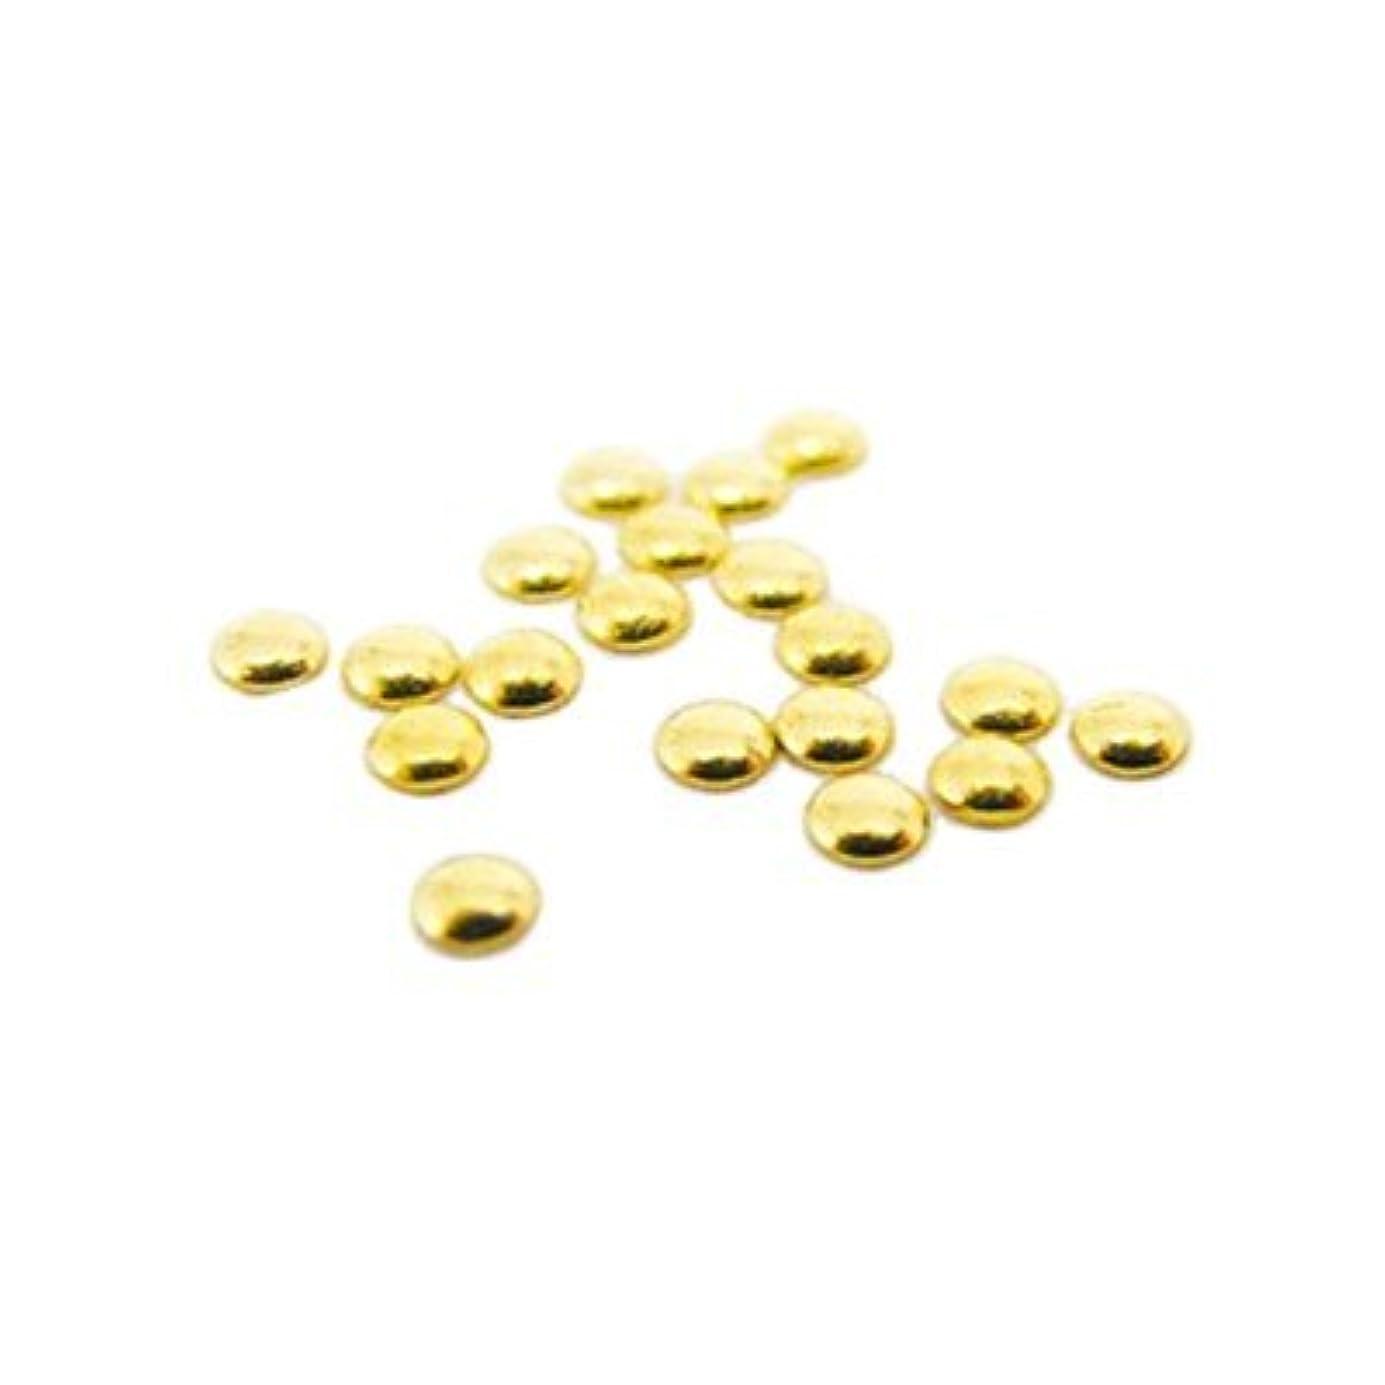 証明太平洋諸島恐れるピアドラ スタッズ 1.2mm 500P ゴールド